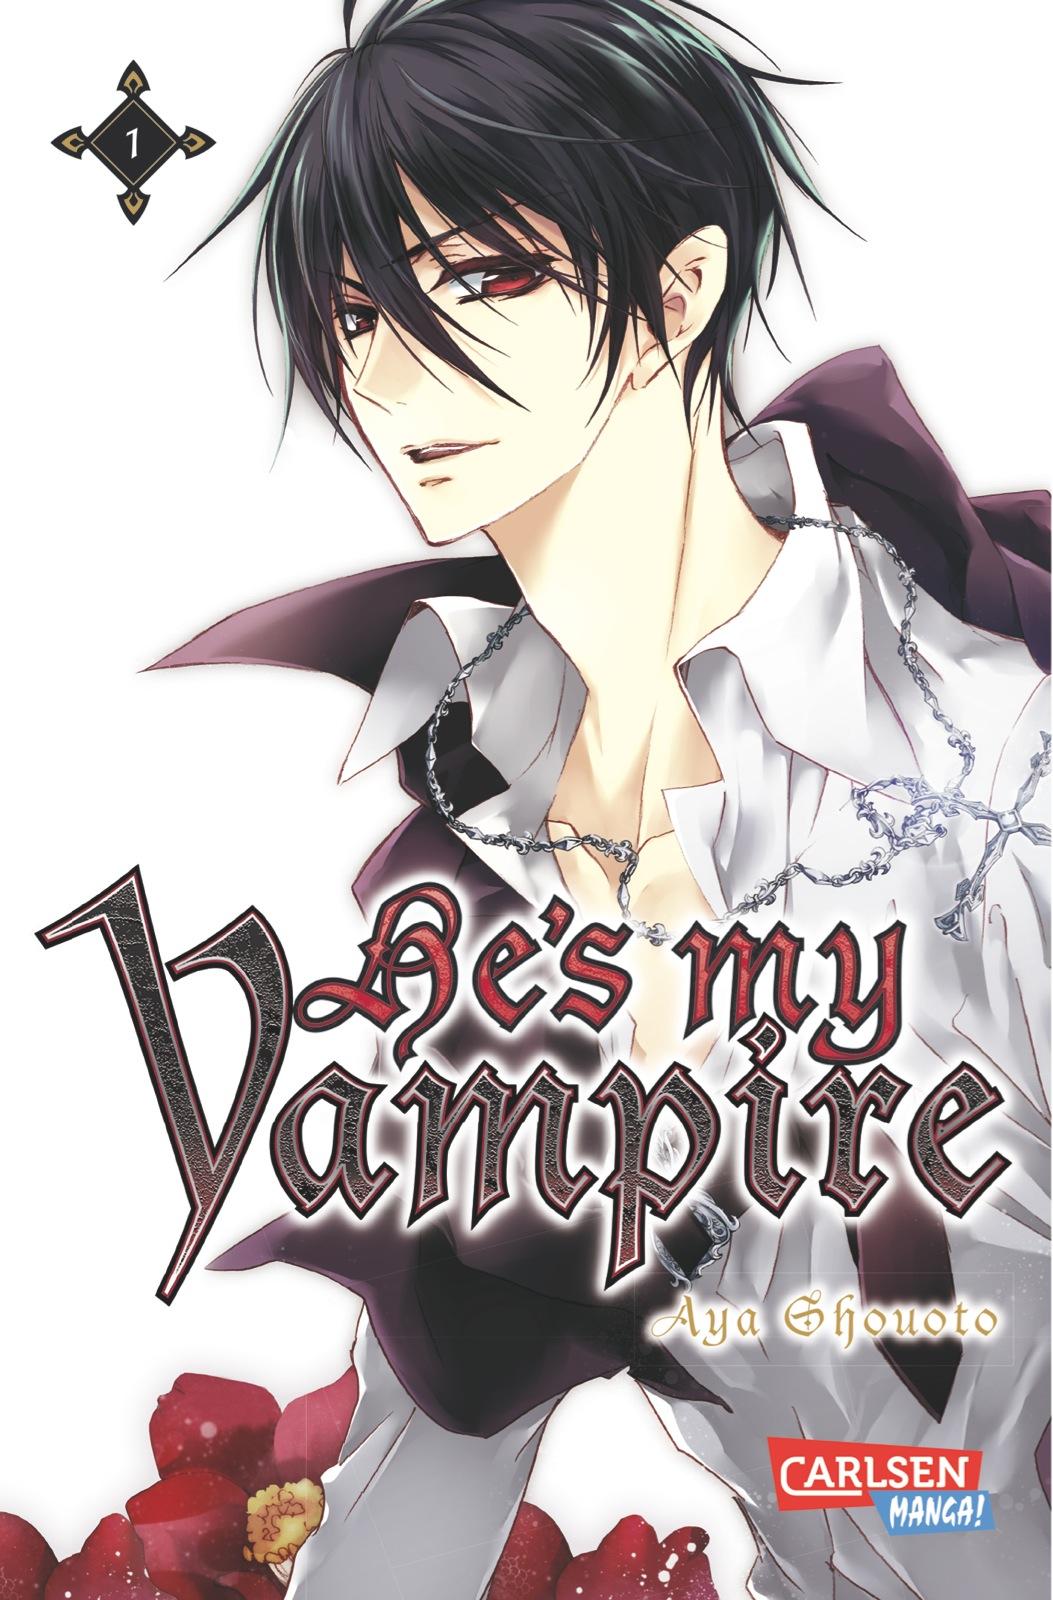 He's my Vampire, Band 1